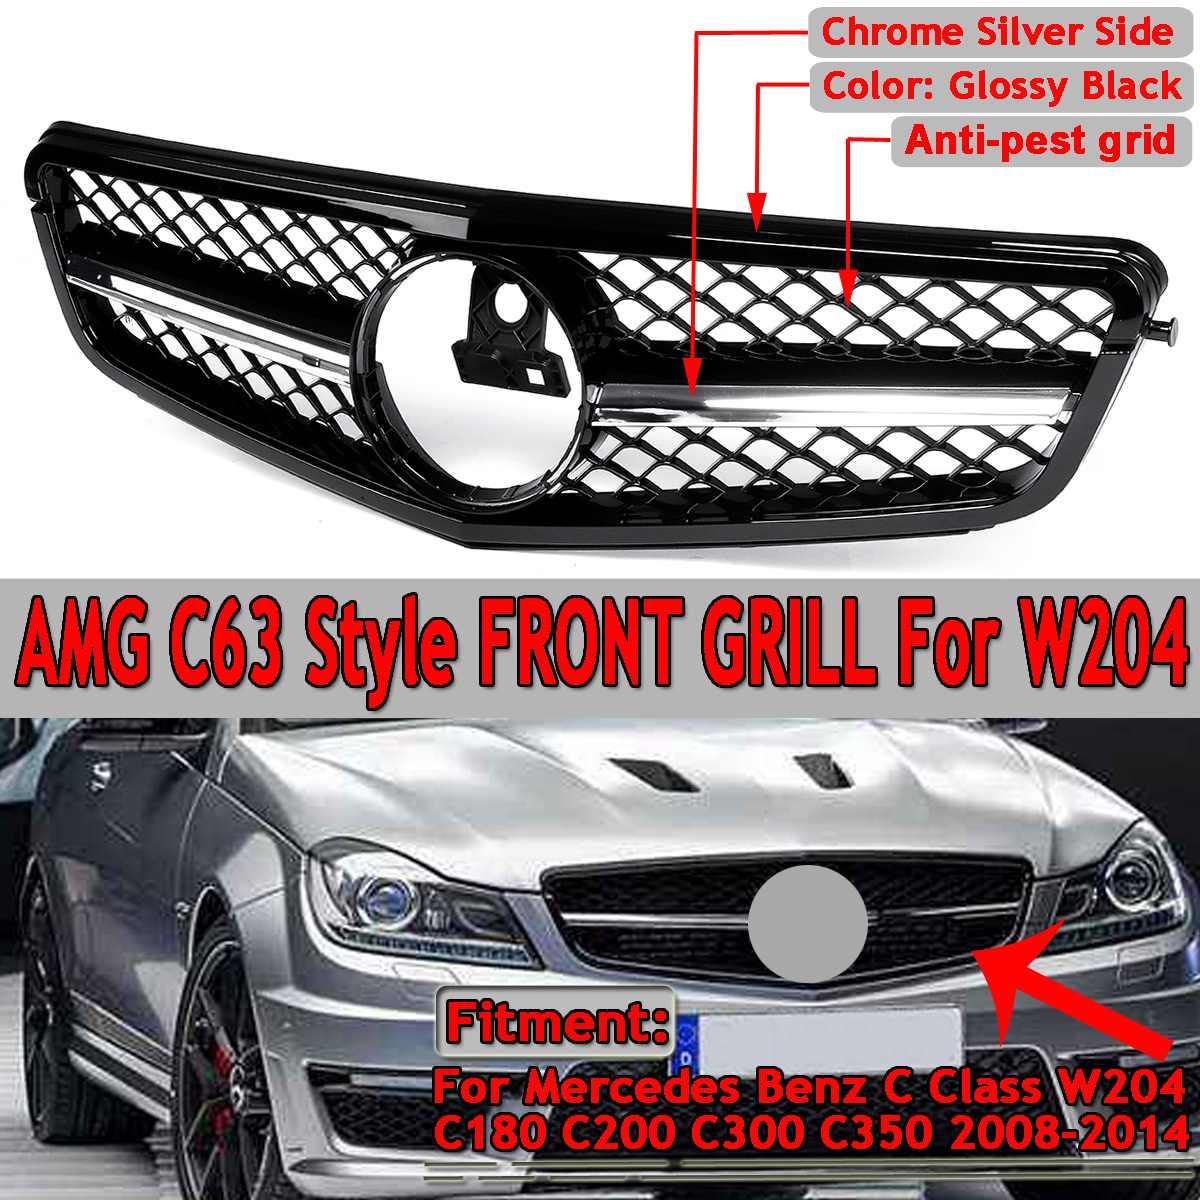 ل AMG C63 نمط جديد سيارة الجبهة العلوي مصبغة شواء لمرسيدس ل بنز C الفئة W204 C180 C200 C300 C350 2008-14 سباق مصبغة